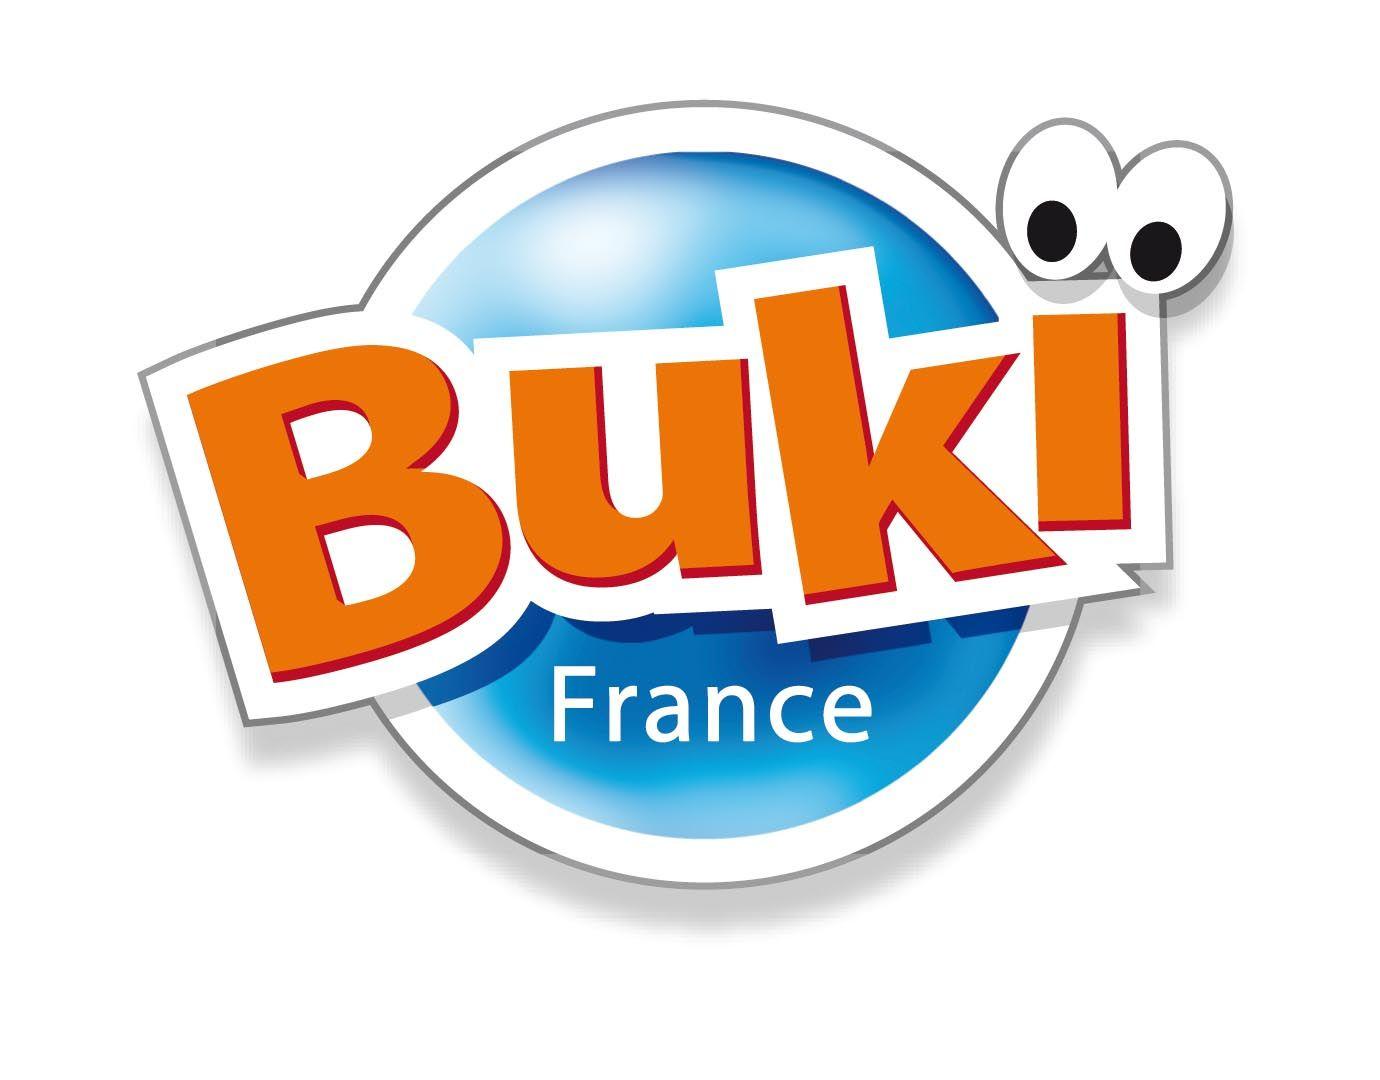 Buki France